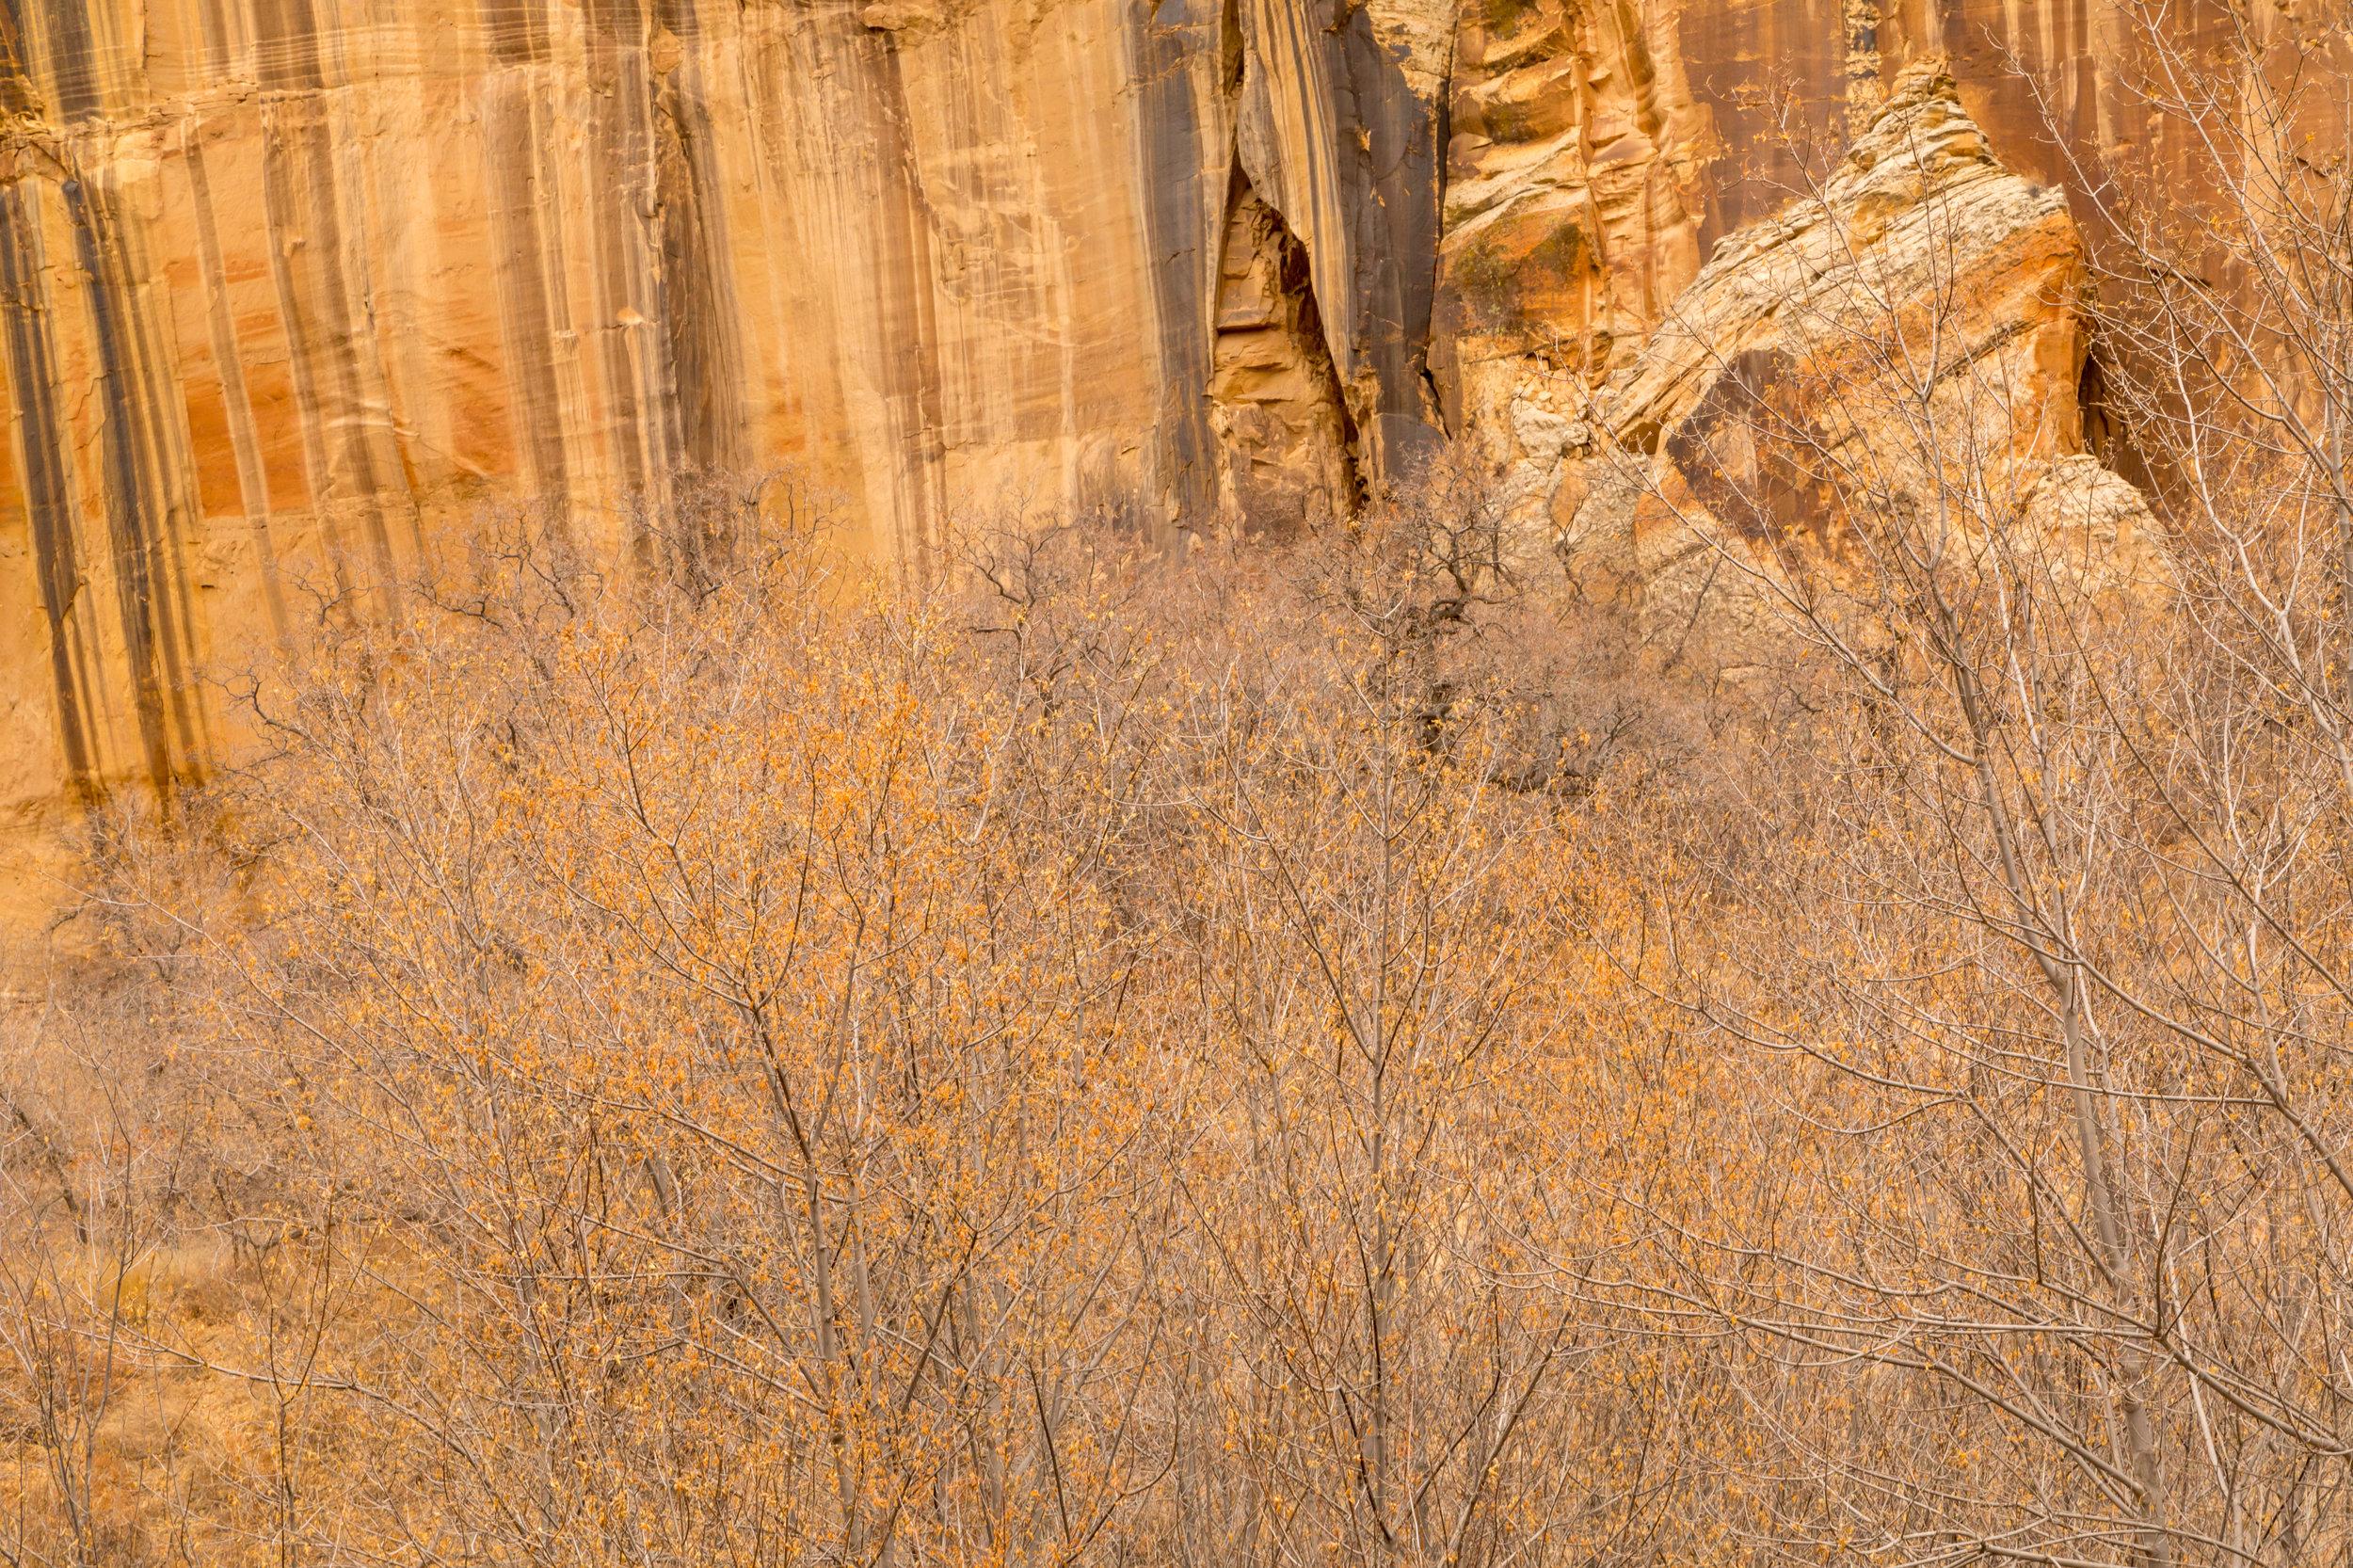 Lower Calf Creek Falls, Image # 3931